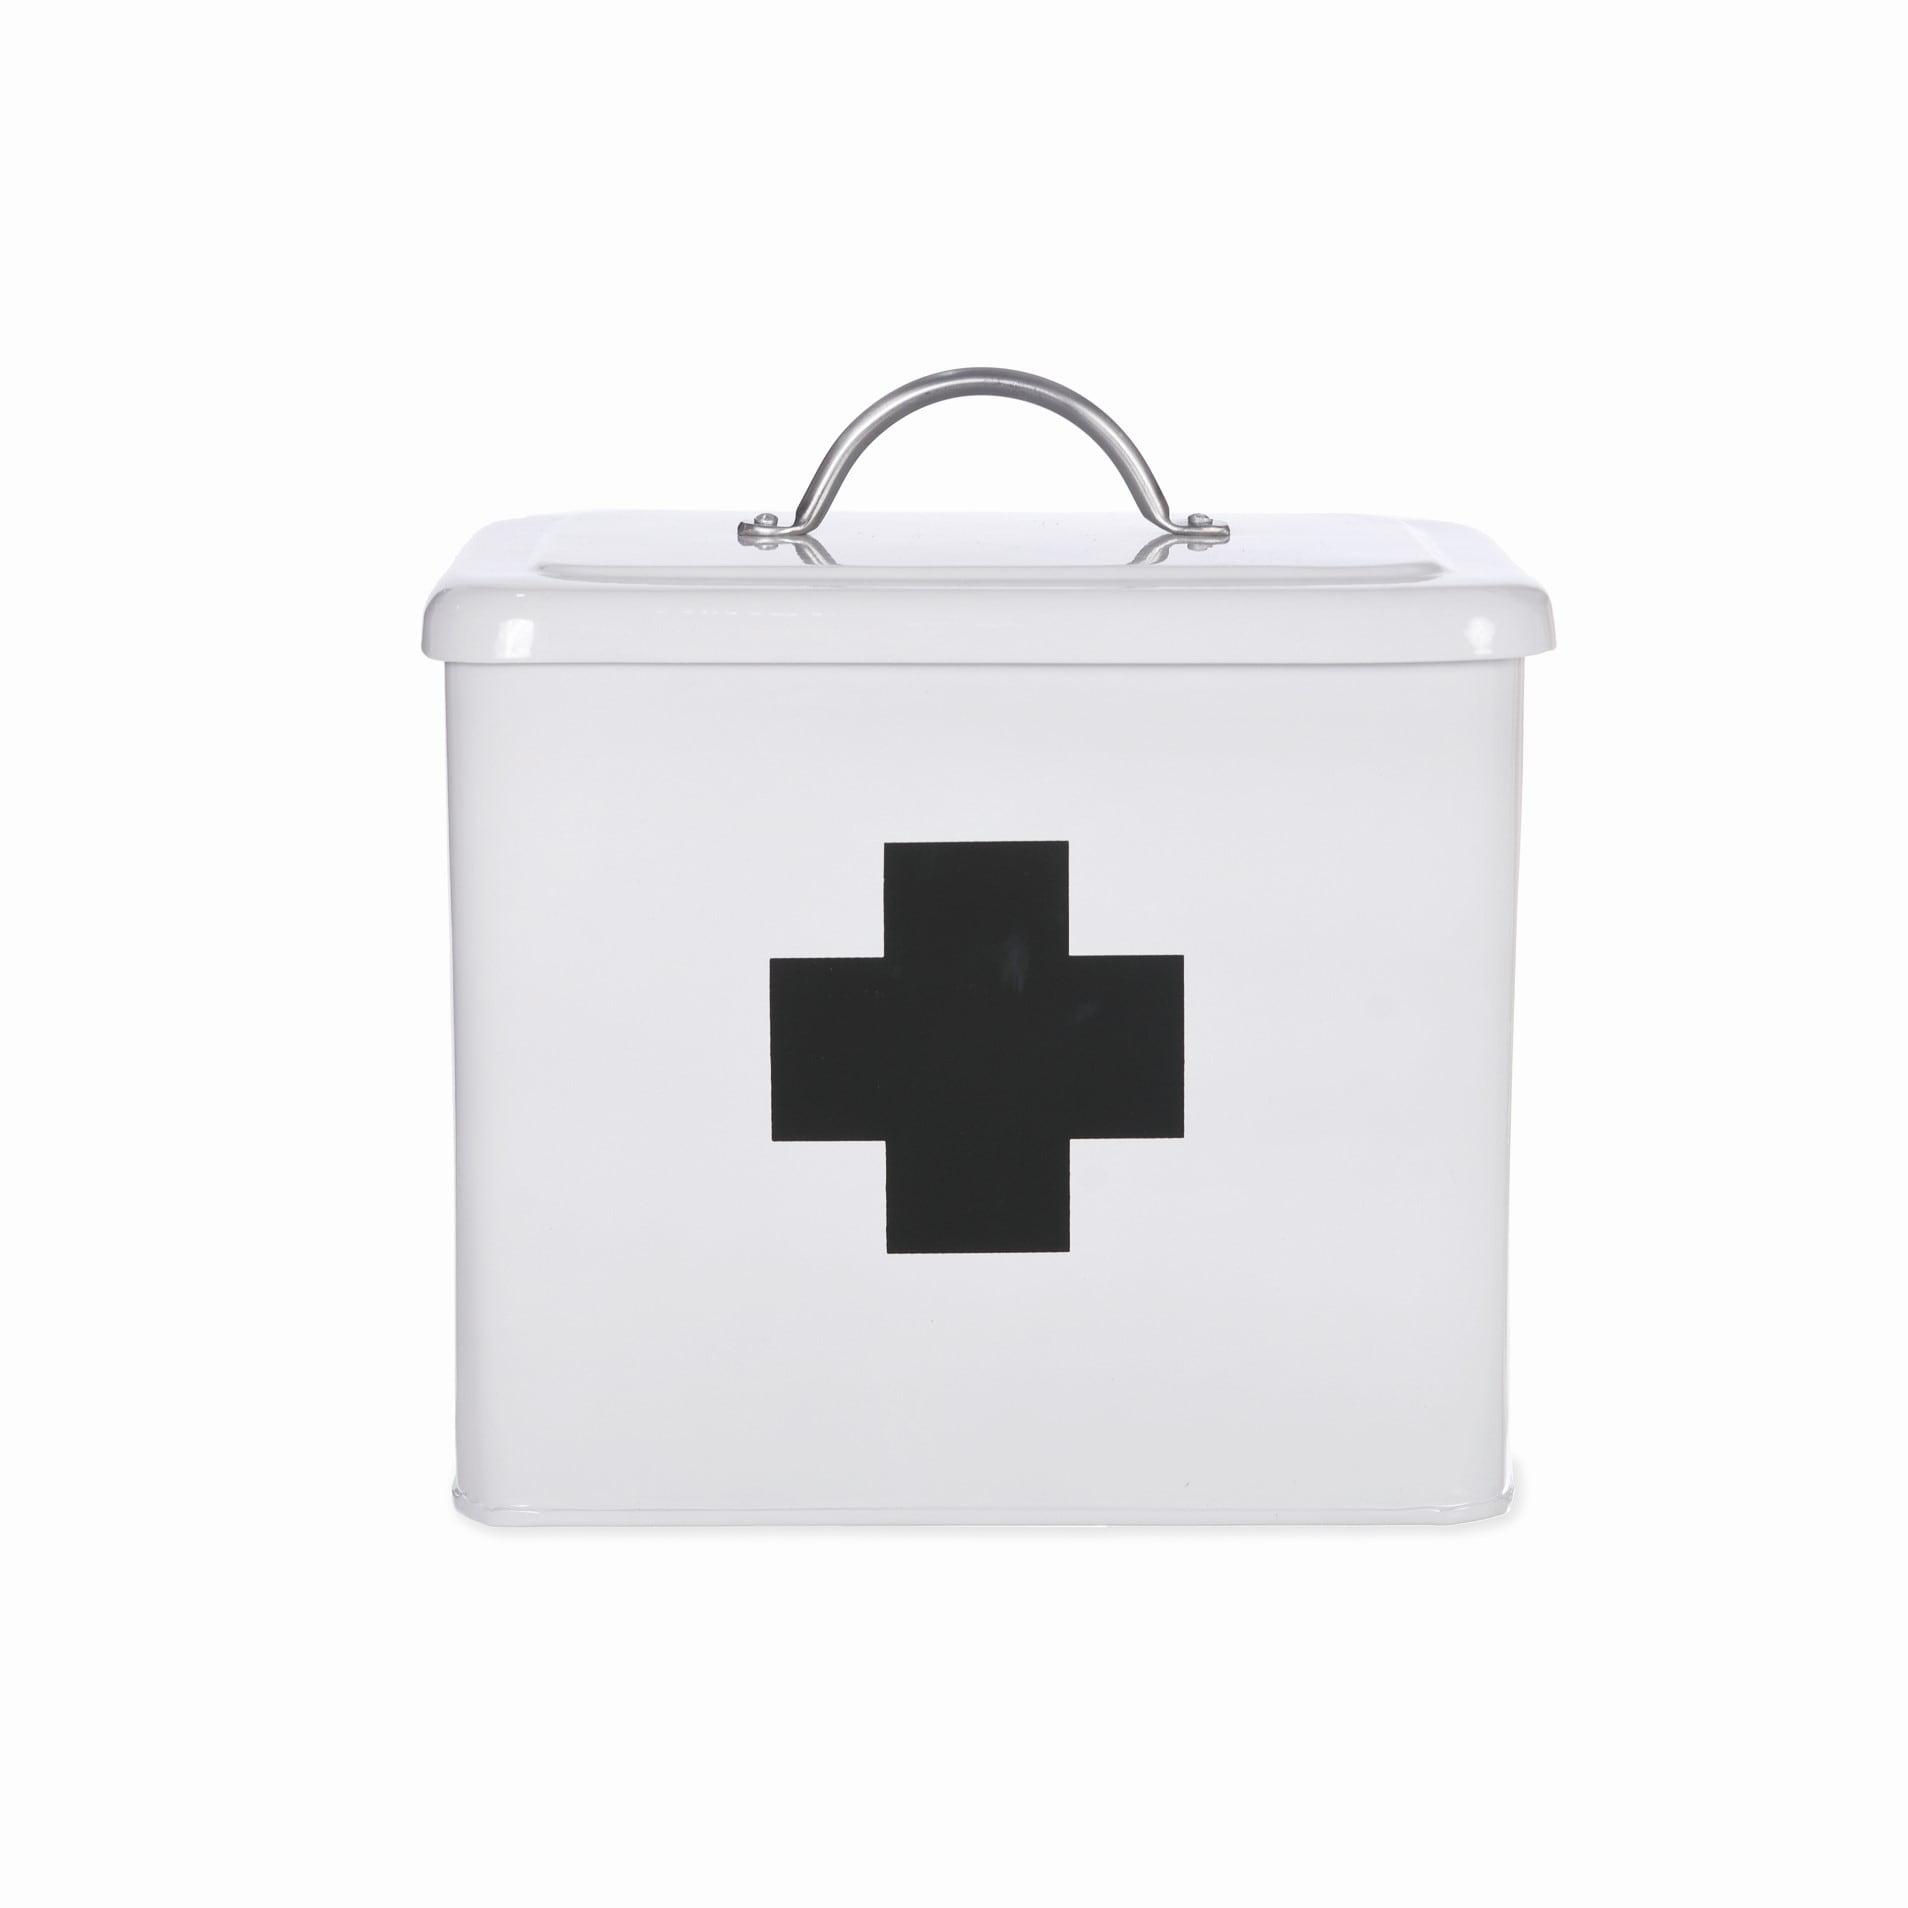 Garden Trading Plechový box na léky Chalk, černá barva, bílá barva, kov